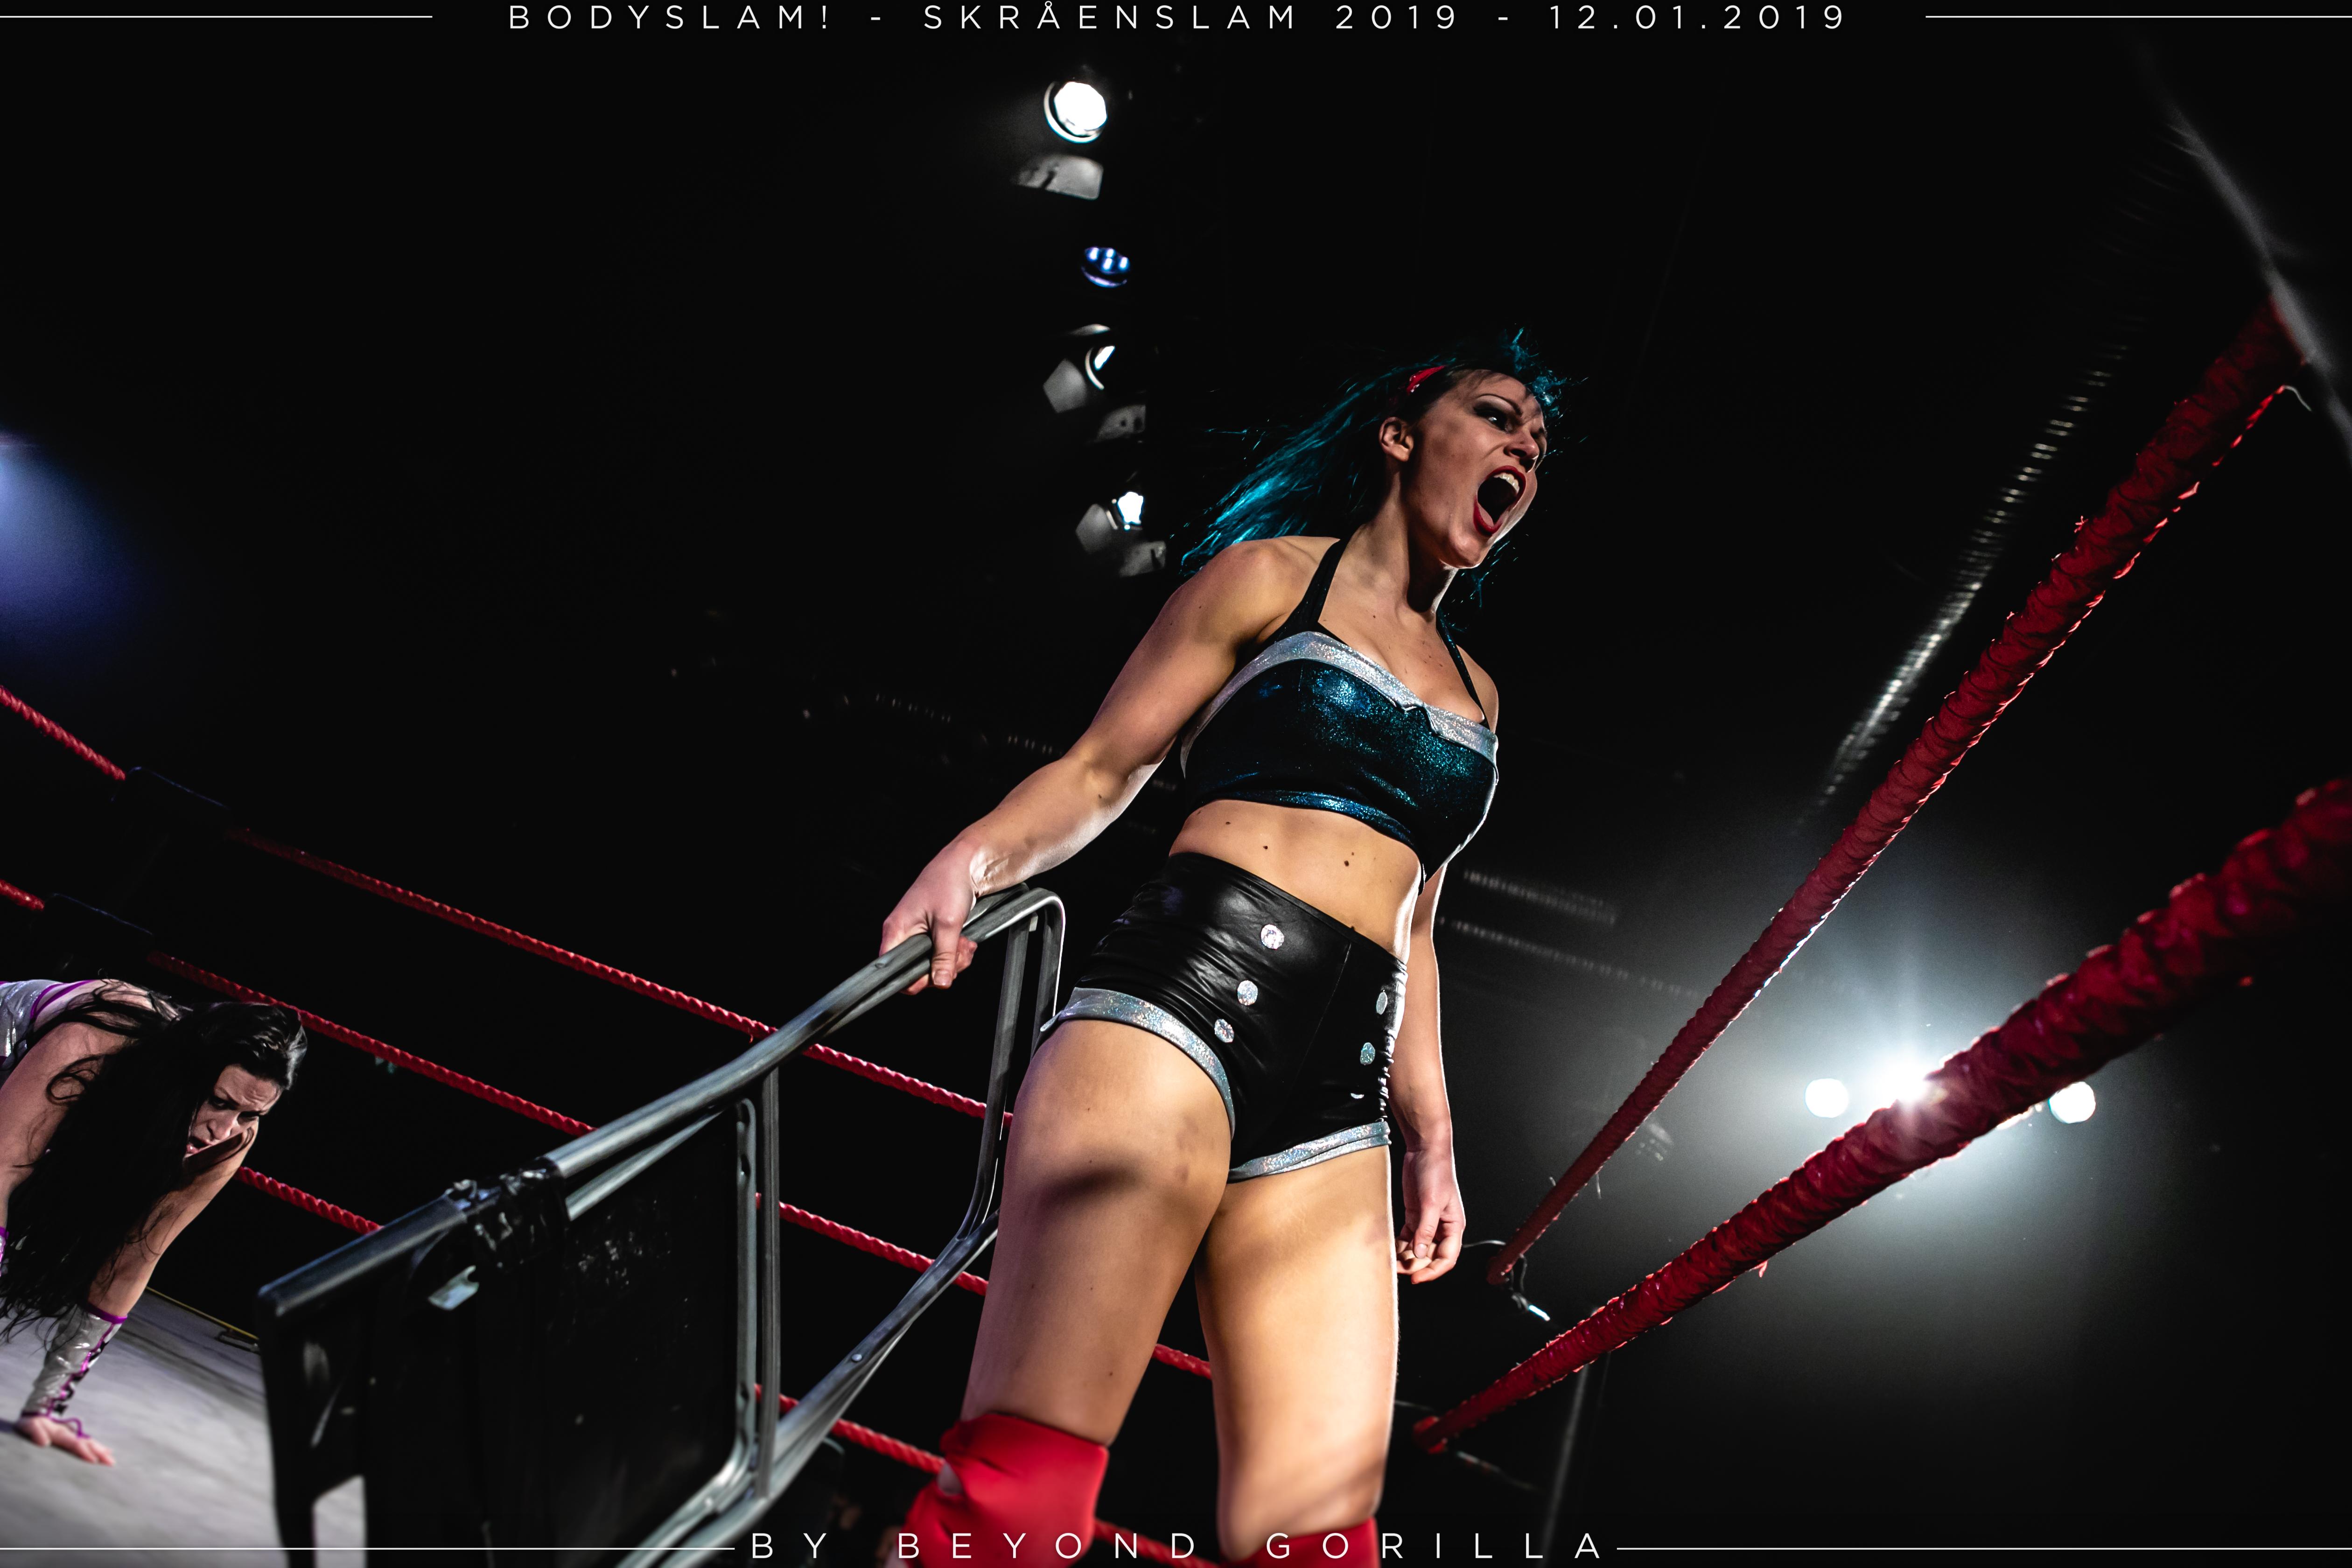 Bodyslammer ringside WM-180